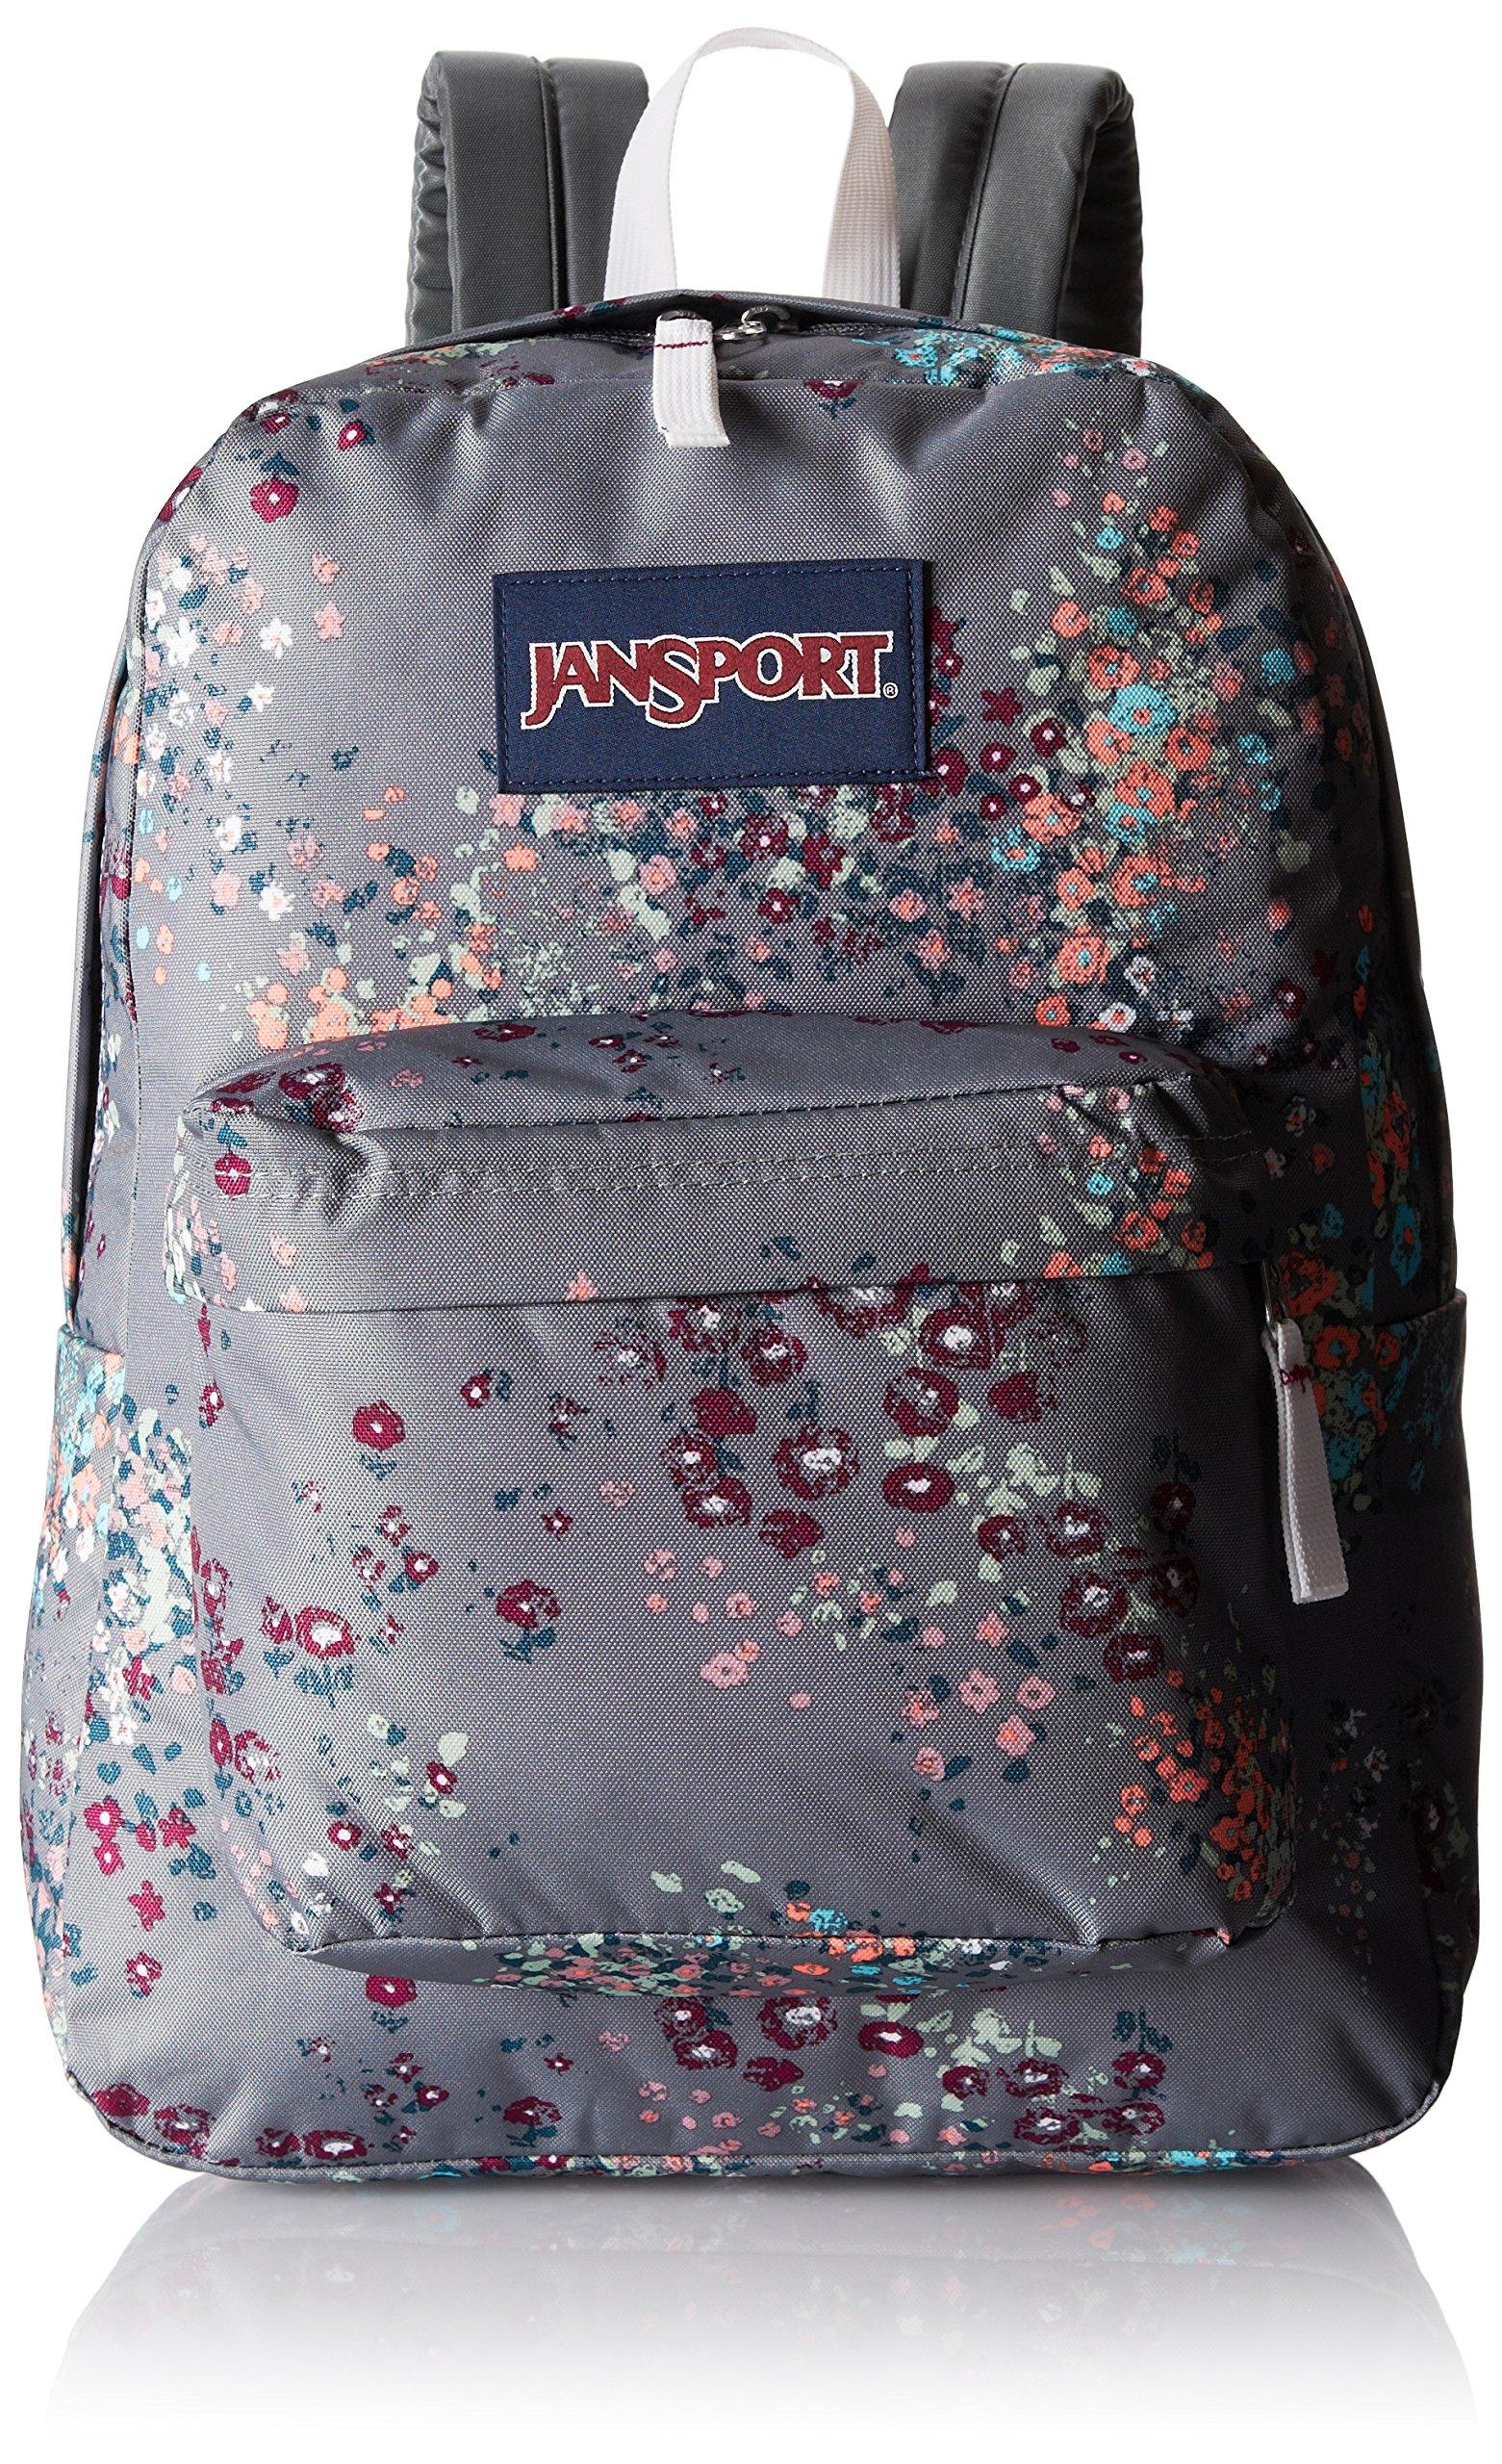 JanSport Unisex SuperBreak Shady Grey Sprinkled Floral One Size